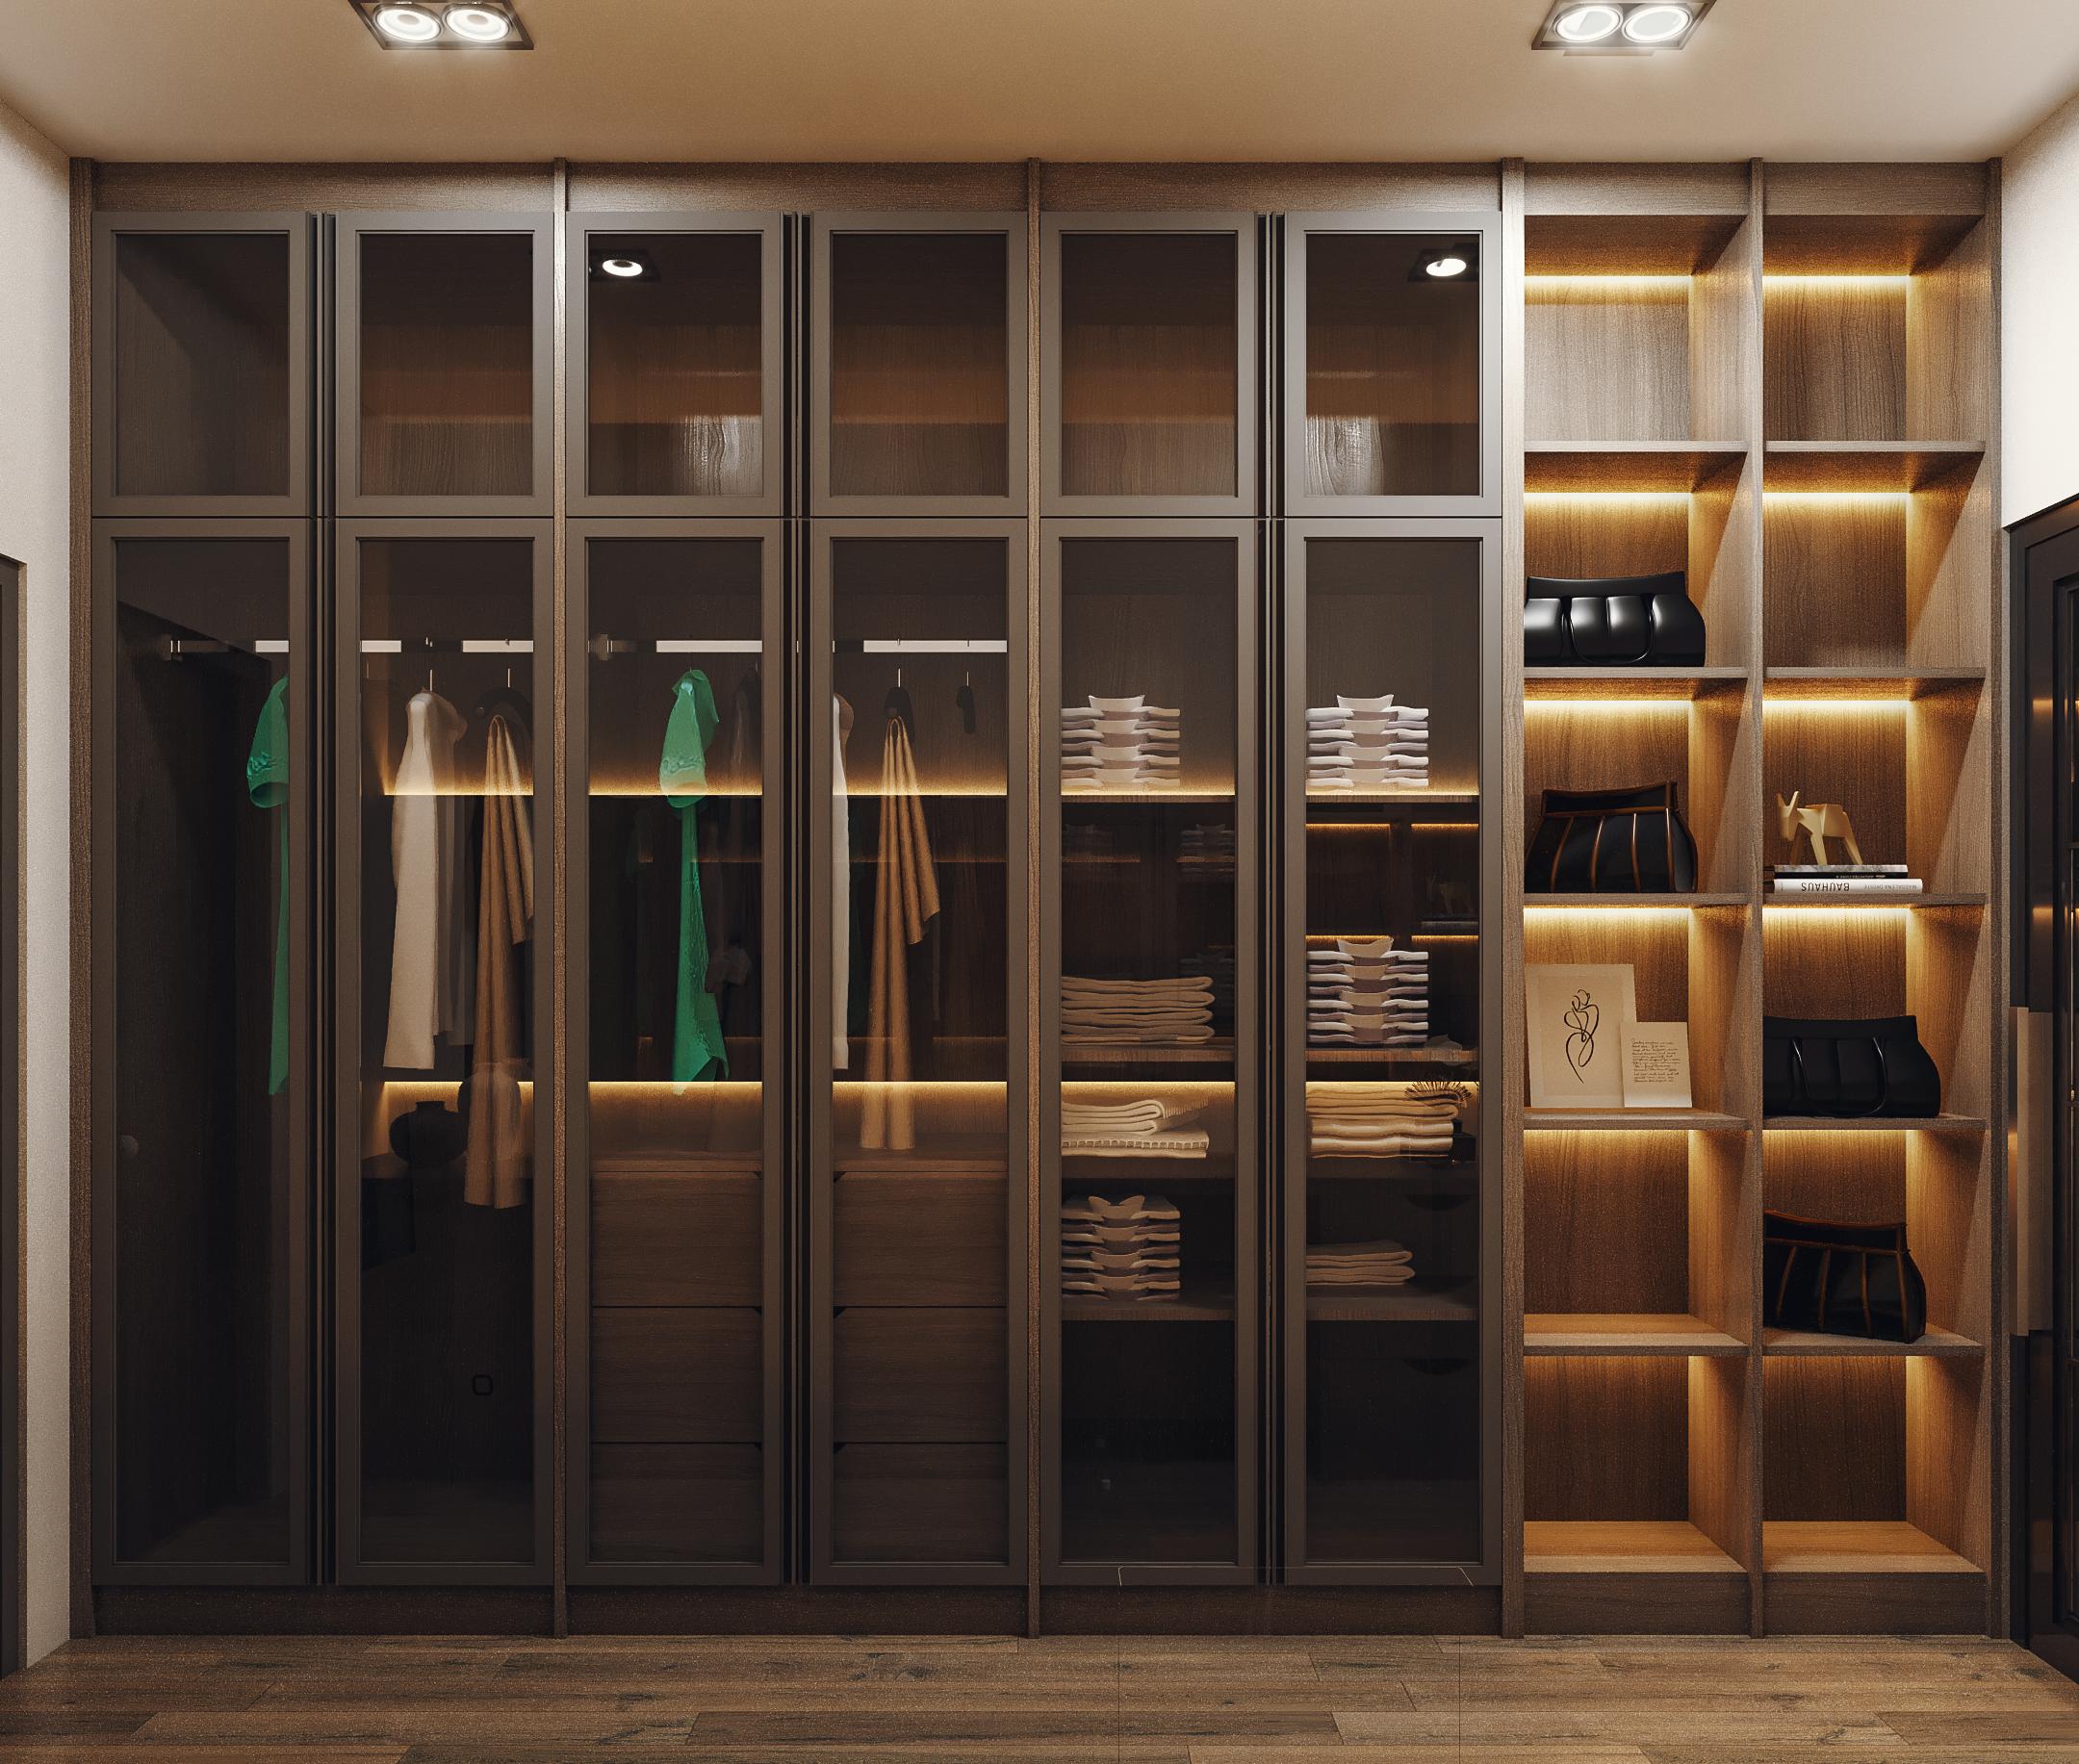 desain wardrobe di kamar di modern industrial house